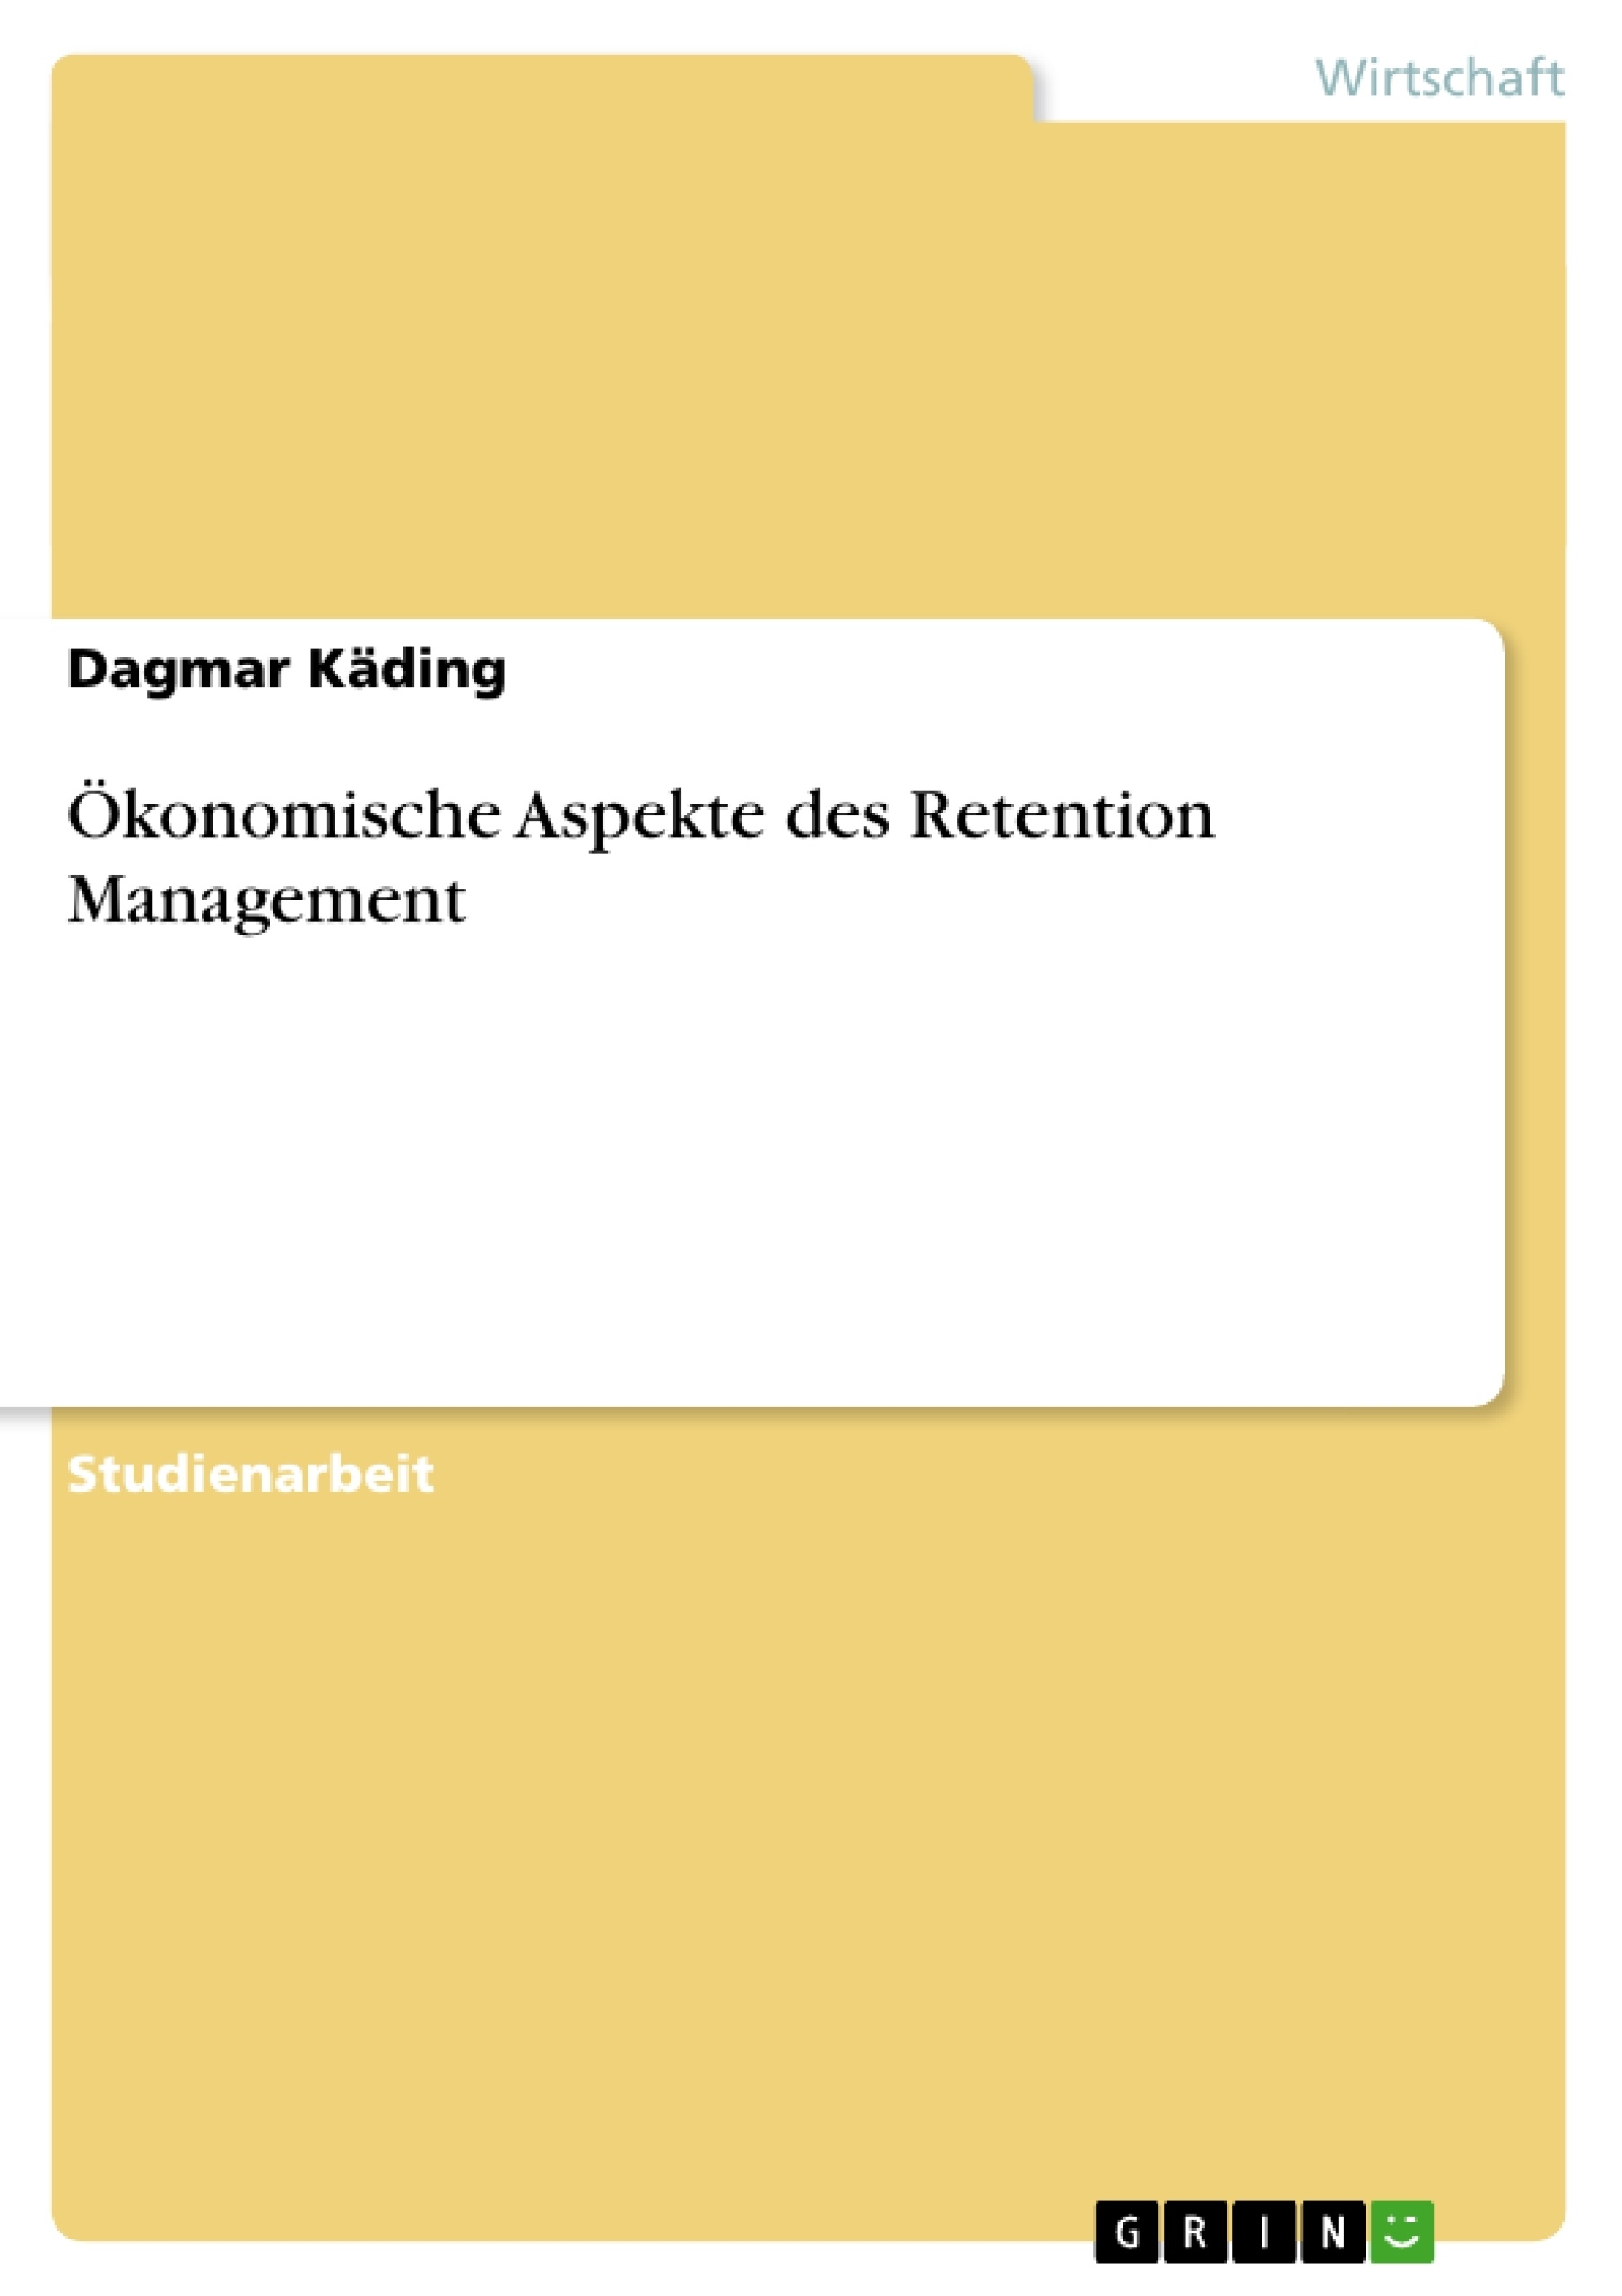 Titel: Ökonomische Aspekte des Retention Management